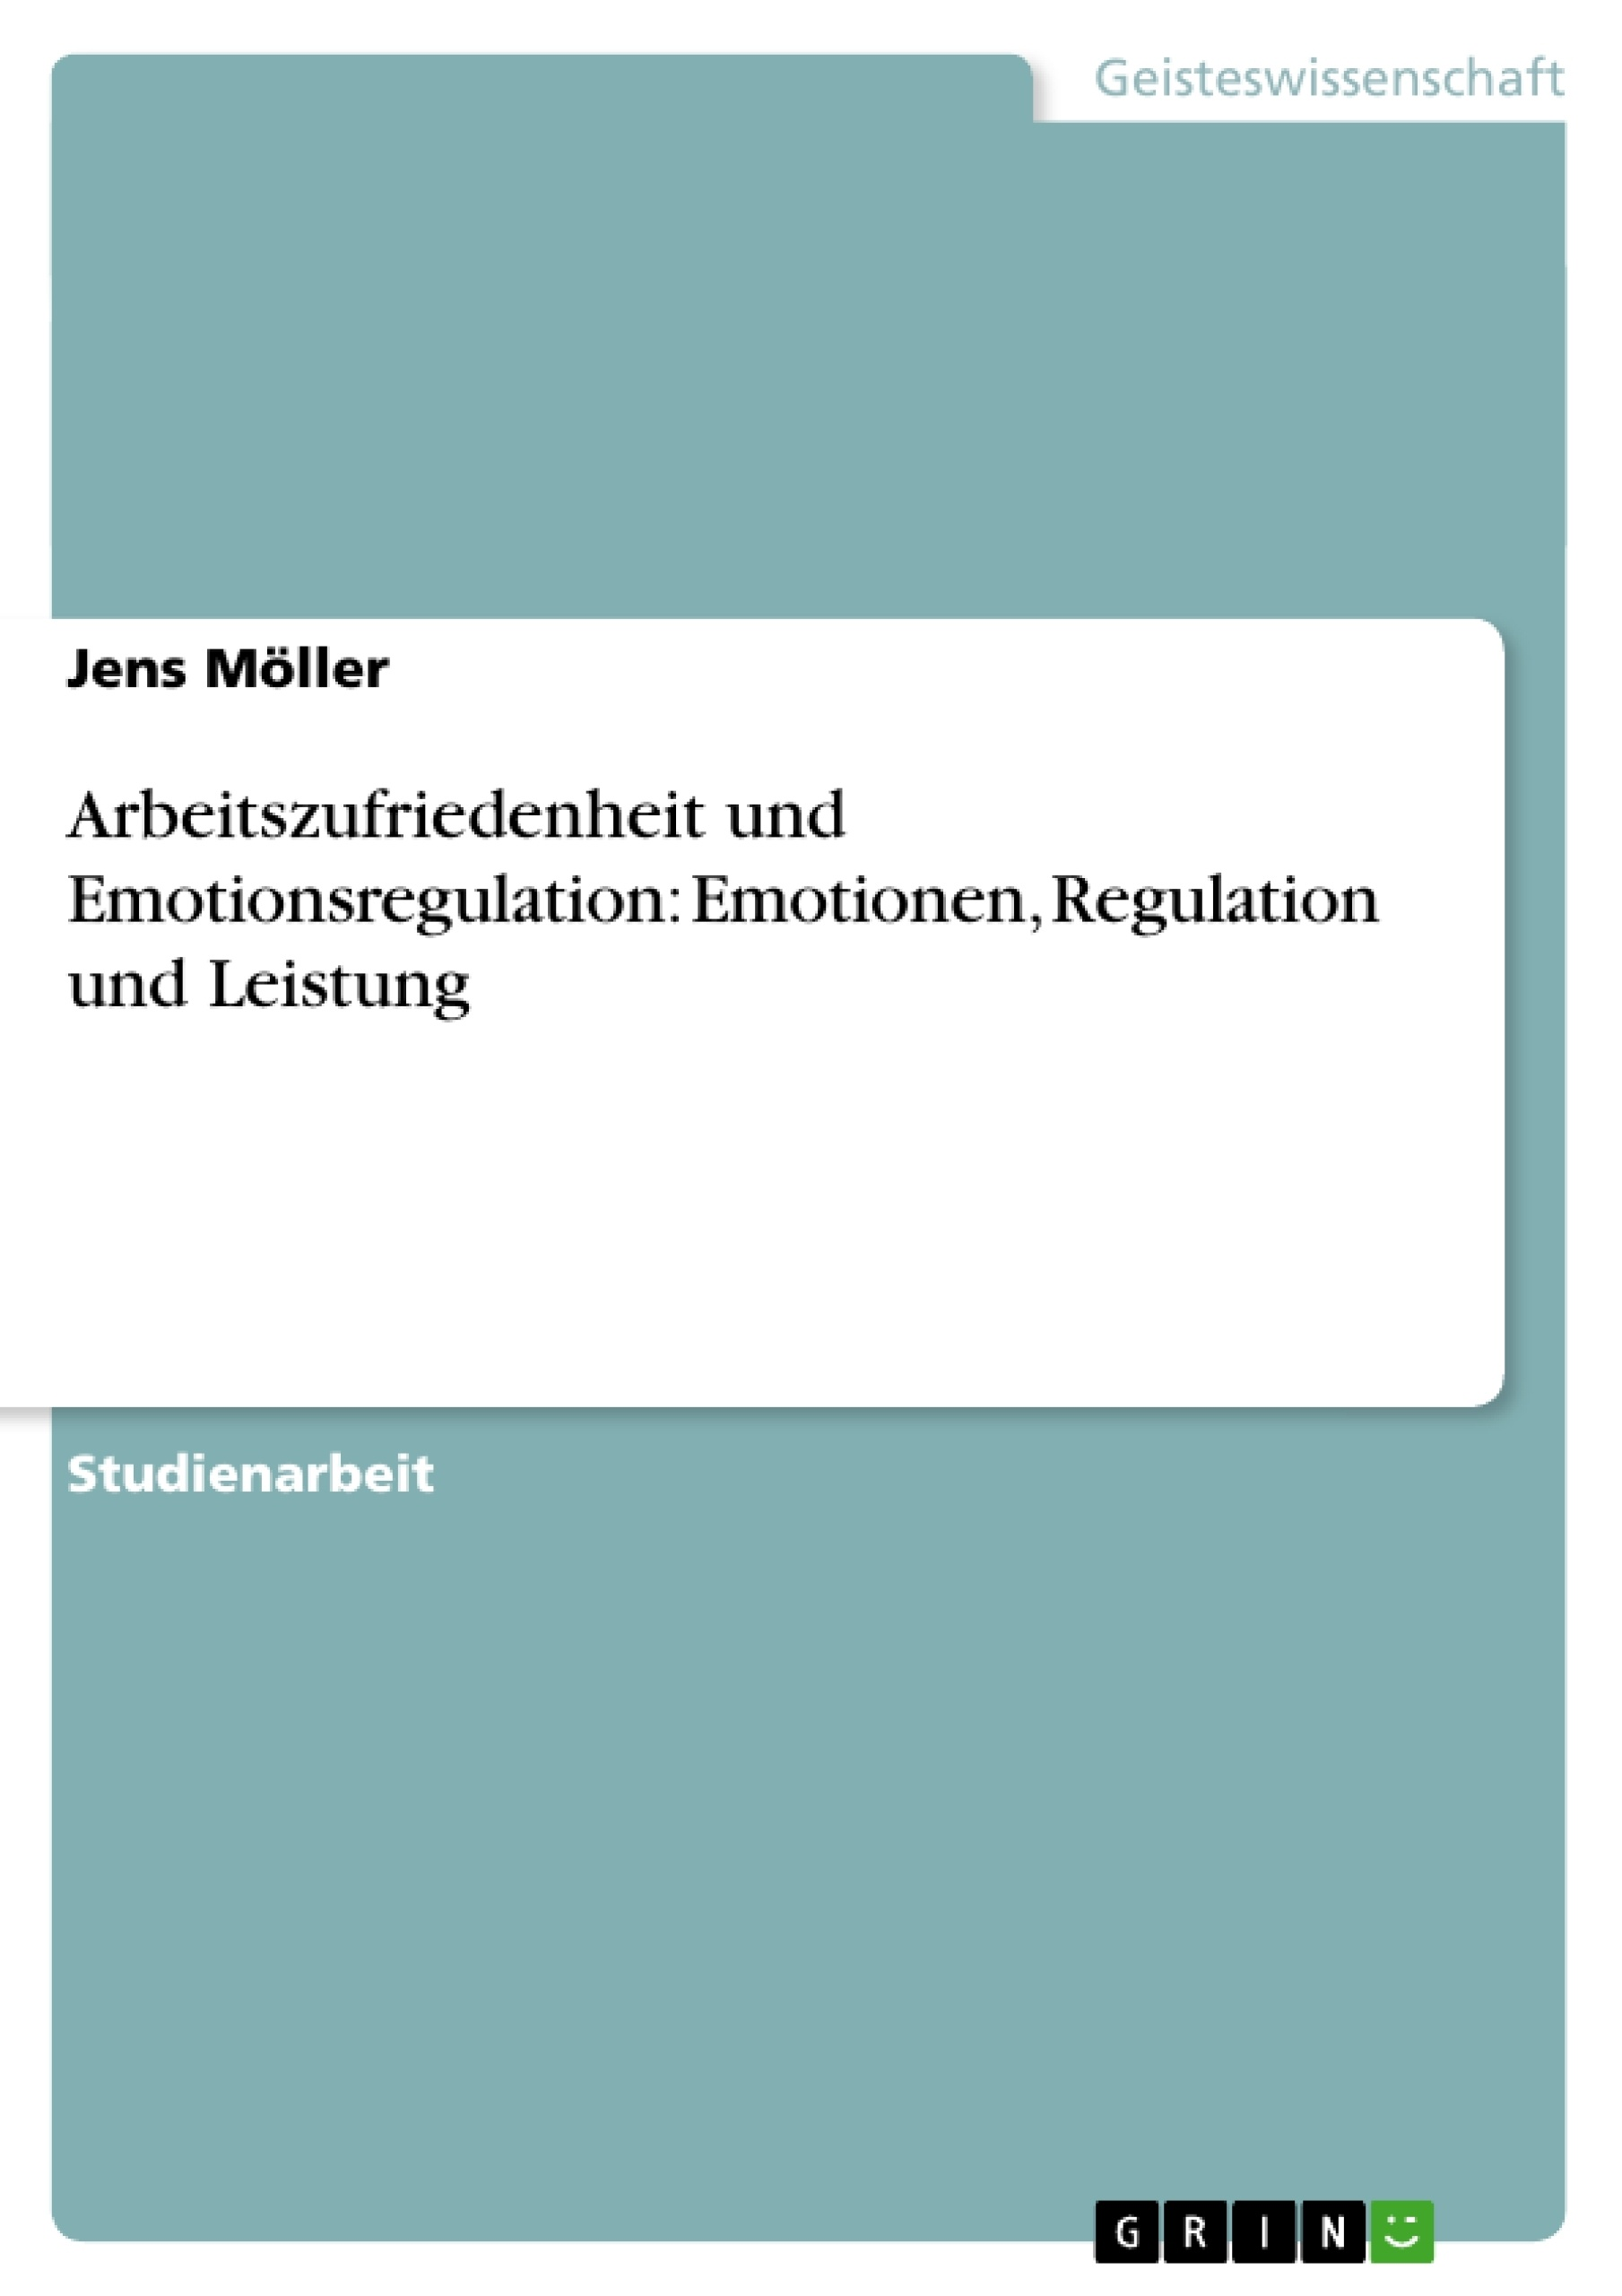 Titel: Arbeitszufriedenheit und Emotionsregulation: Emotionen, Regulation und Leistung